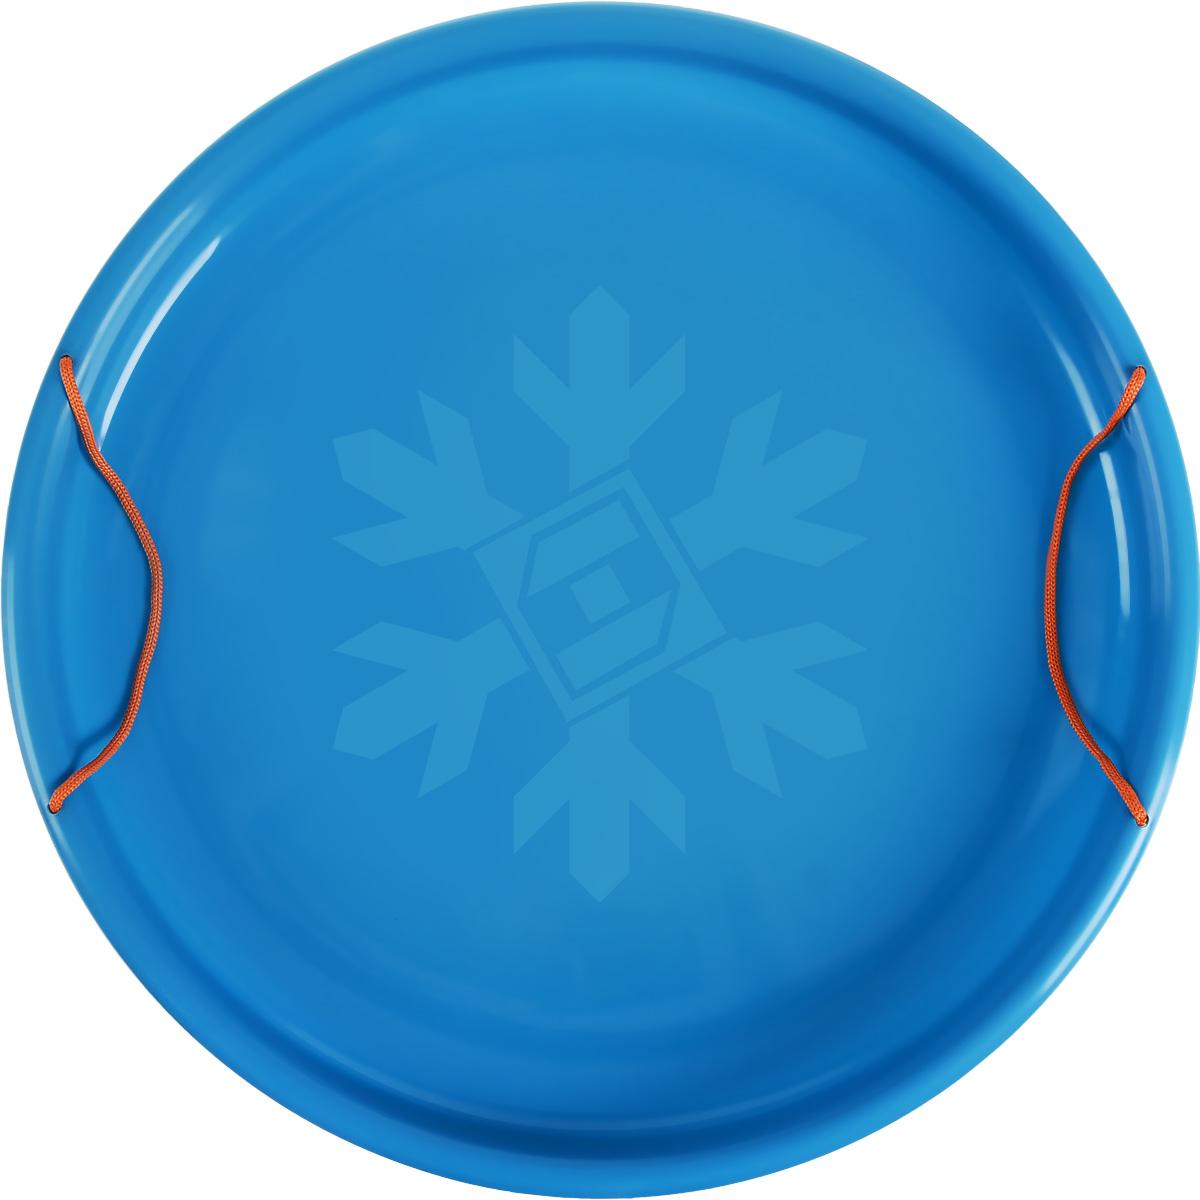 Санки-ледянки Престиж Экстрим, цвет: голубой, диаметр 53 смRUC-01Любимая детская зимняя забава - это катание с горки. Яркие санки-ледянки Престиж Экстрим станут незаменимым атрибутом этой веселой детской игры. Санки-ледянки - это специальная пластиковая тарелка, облегчающая скольжение и увеличивающая скорость движения по горке. Ледянка выполнена из прочного гибкого пластика и снабжена двумя ручками по бокам. Конфигурация санок позволяет удобно сидеть и развивать лучшую скорость. Благодаря малому весу ледянку, в отличие от обычных санок, легко нести с собой даже ребенку.